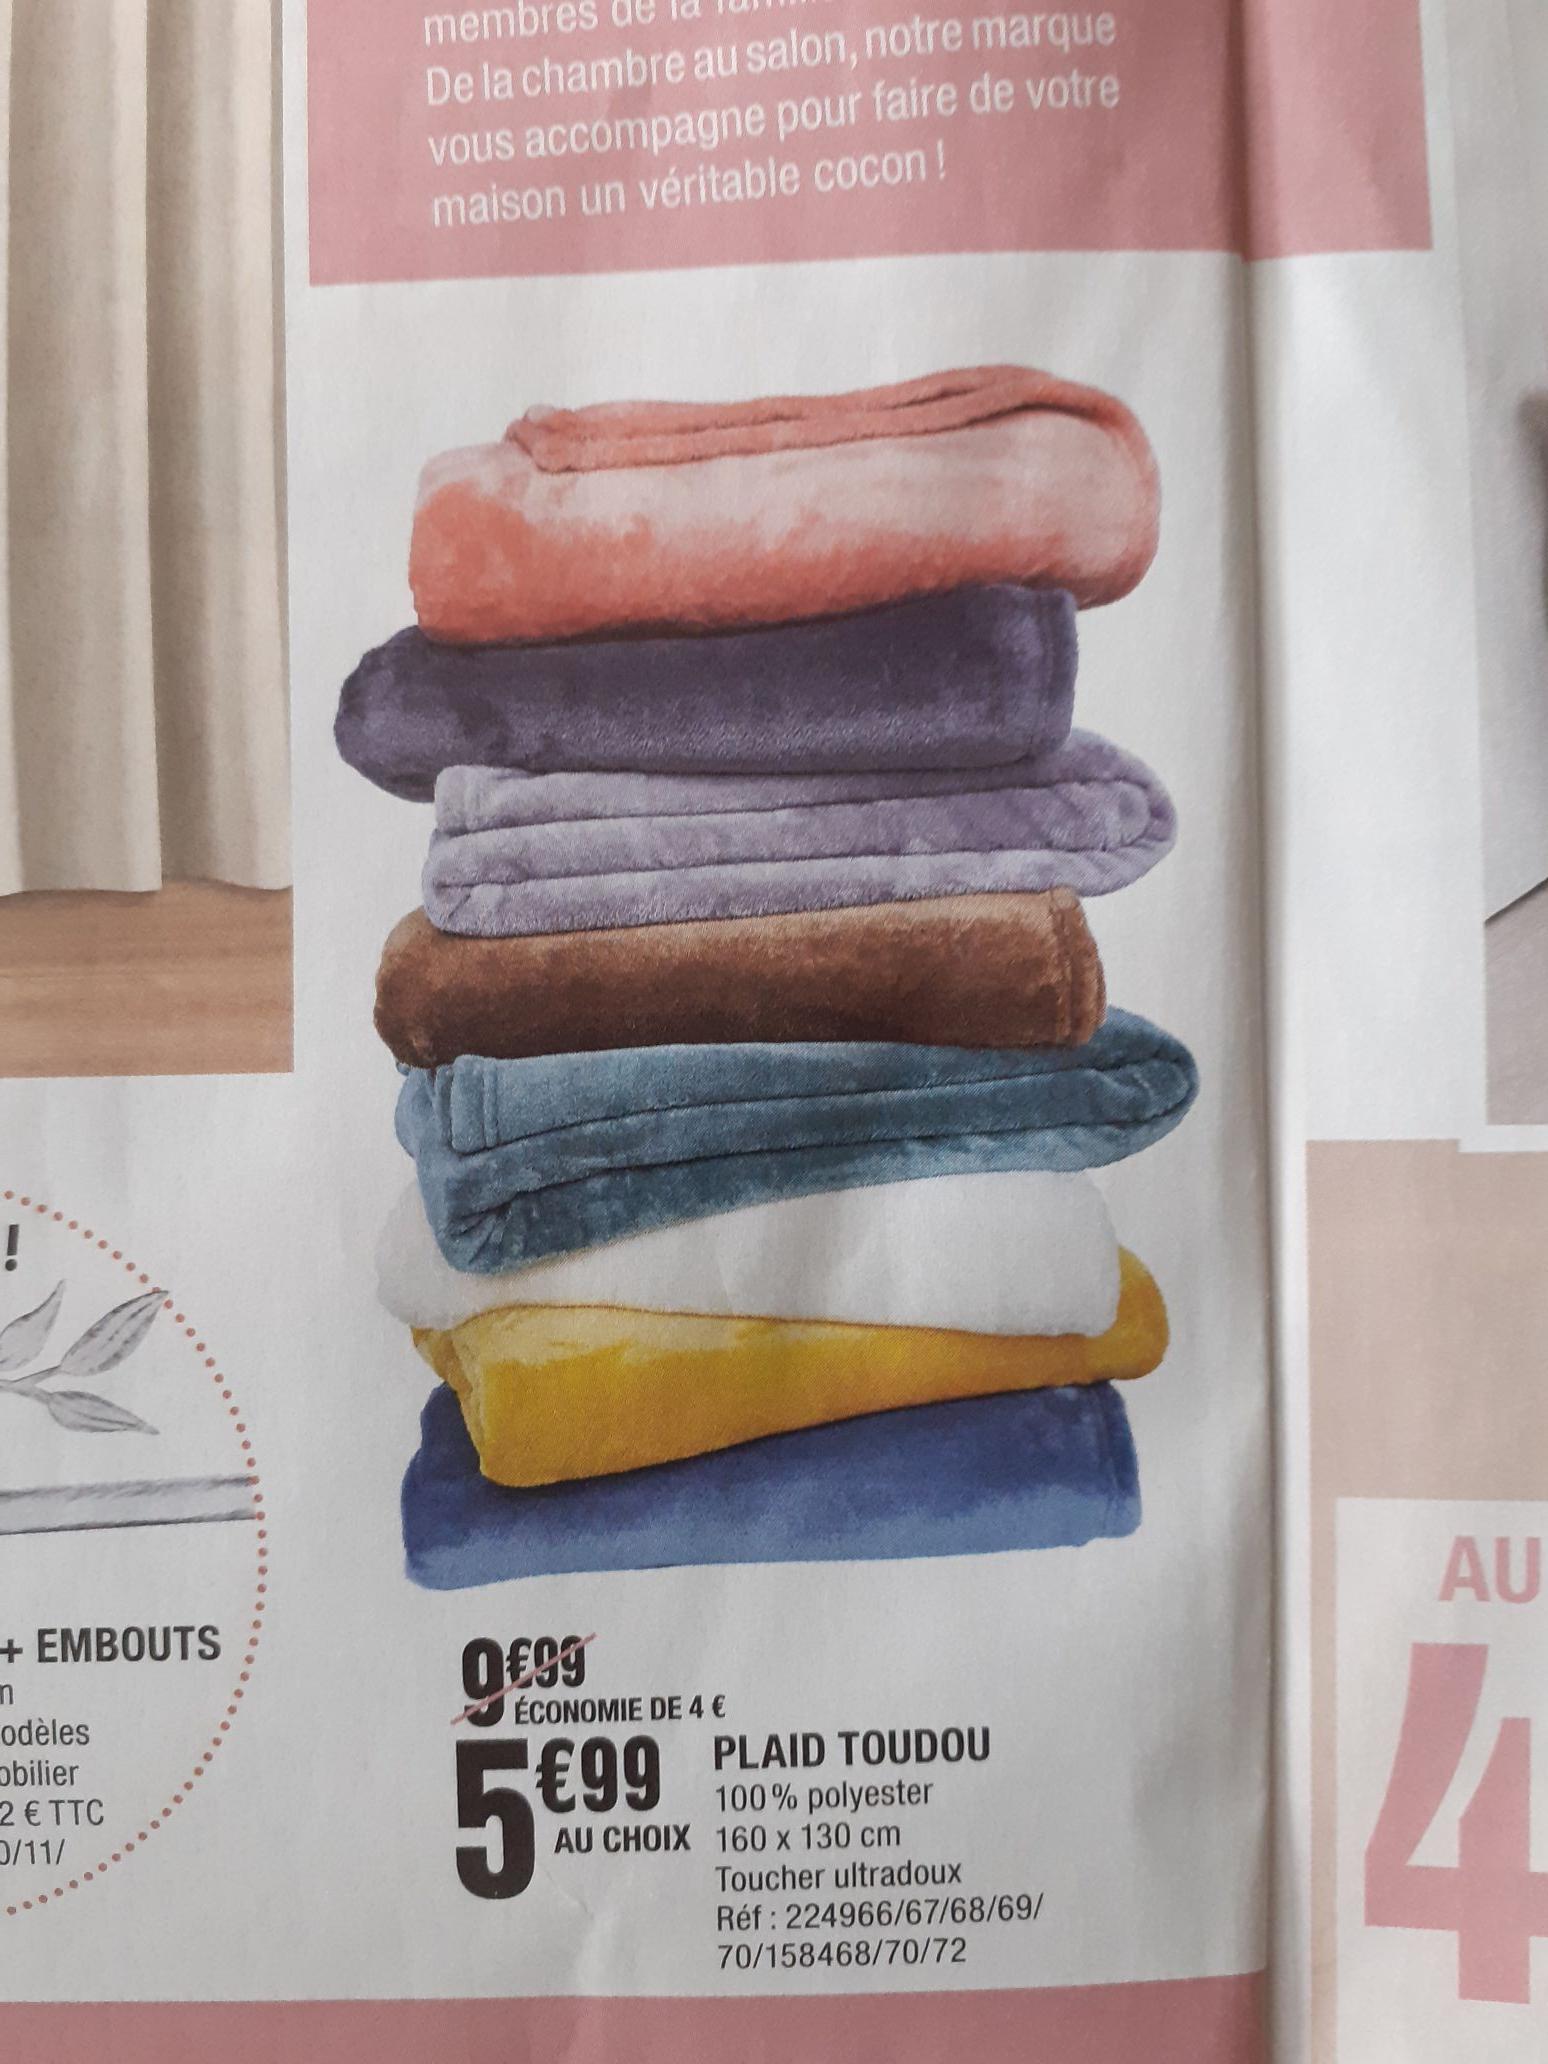 Plaid Toudou 100% polyester - 160 x 130 cm (Plusieurs coloris)